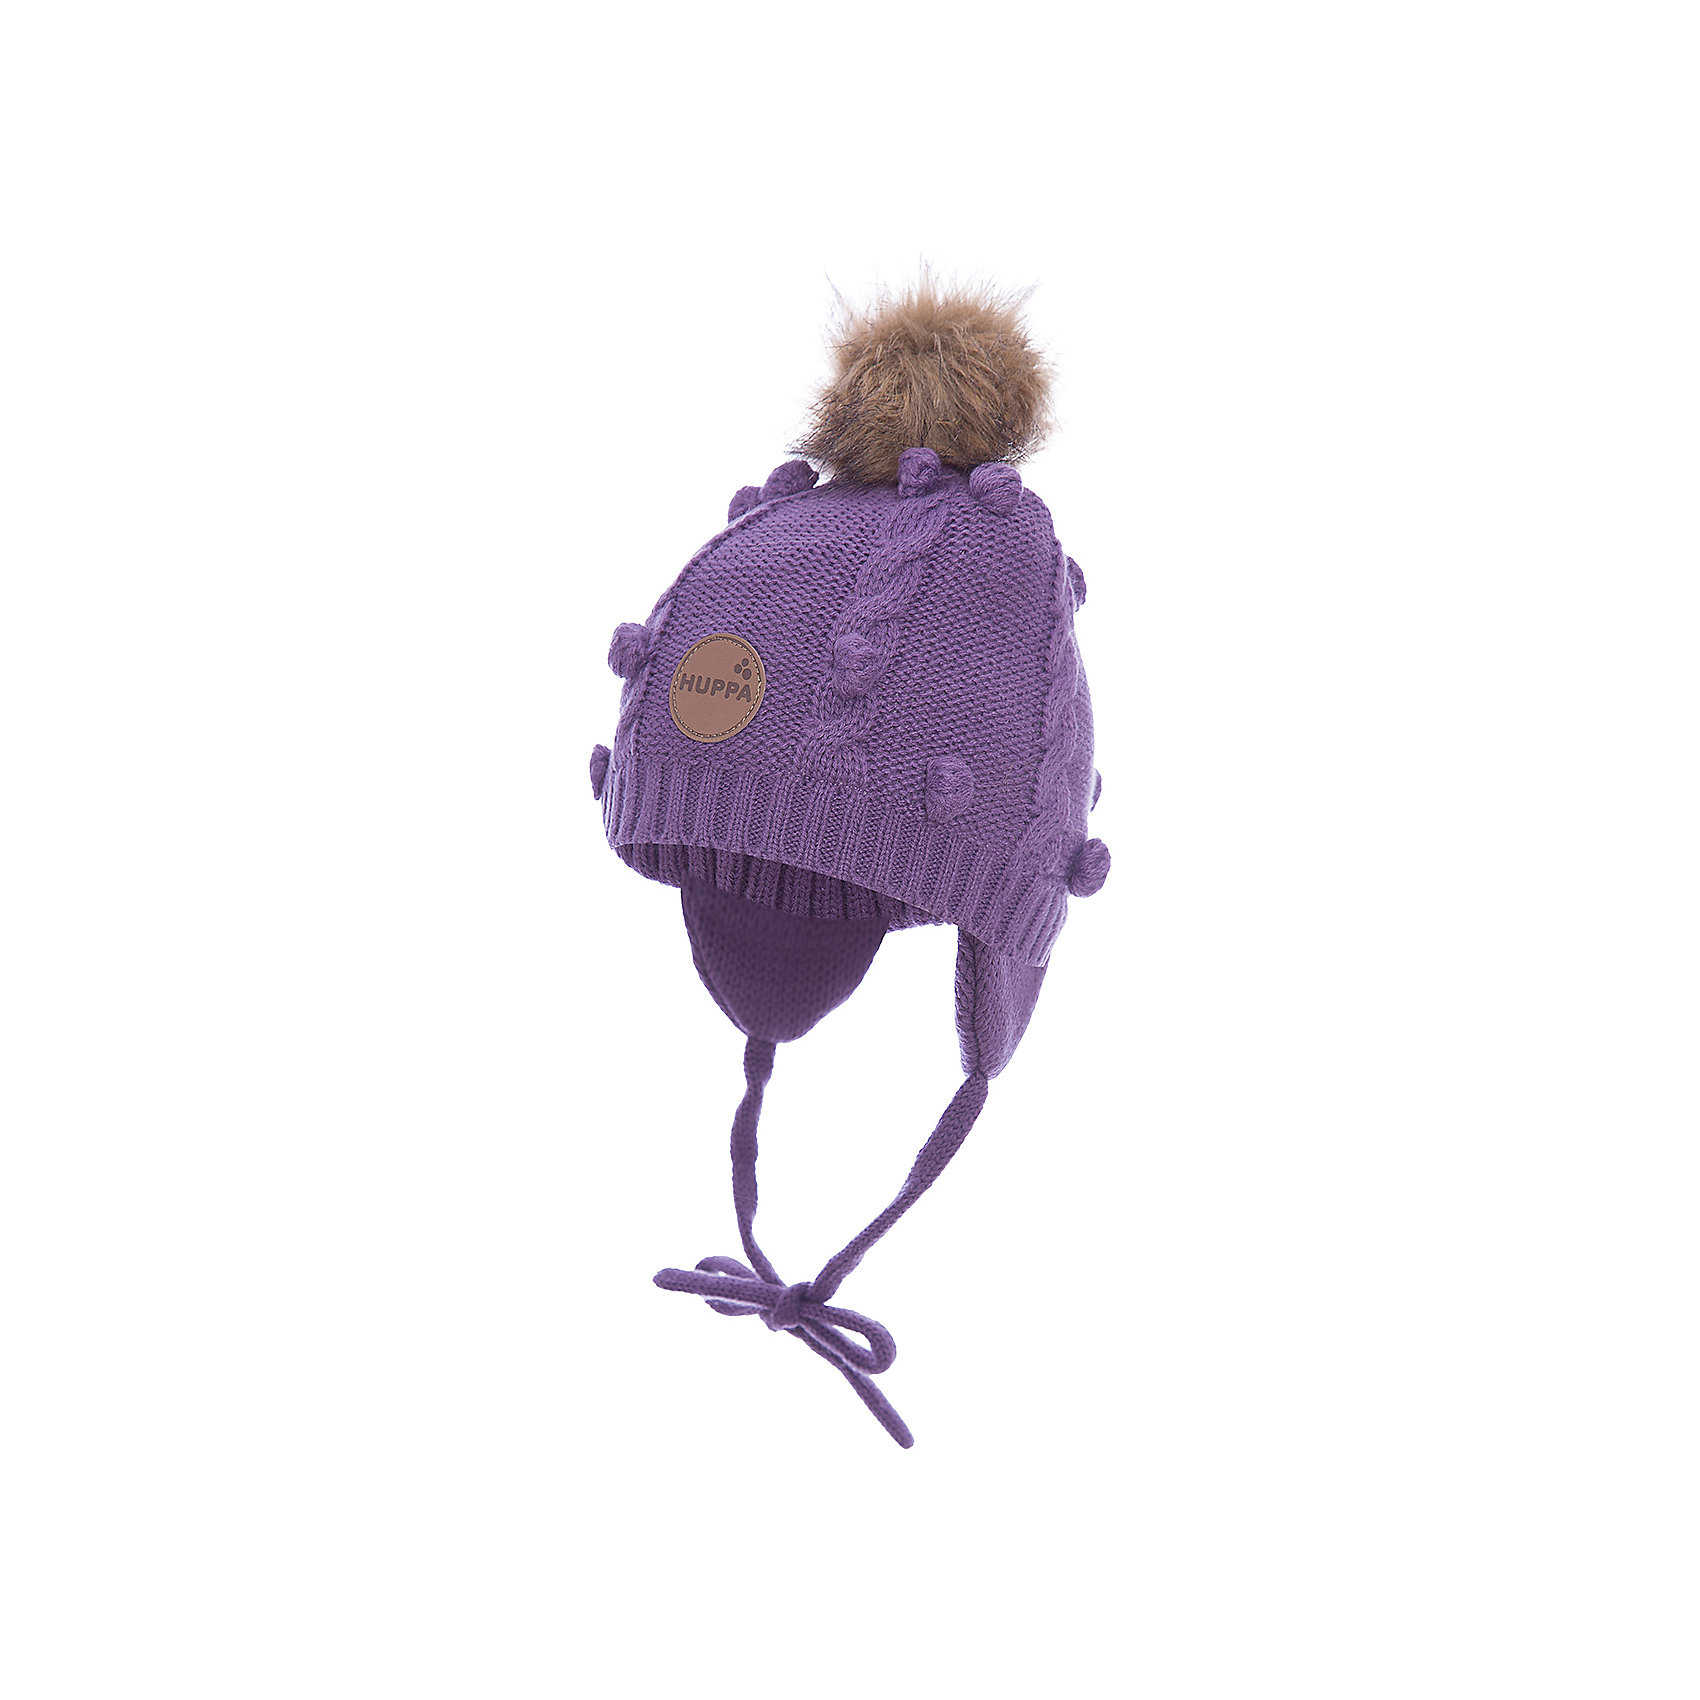 Шапка для девочки HuppaЗимняя вязаная шапка с косичками для малышей. Подкладка из приятного хлопкового трикотажа и наружная часть из акриловой пряжи. Для удобства ношения у шапки есть ленты и защищающие уши от холода маленькие клапаны. В качестве украшения добавлен модный меховой помпон. <br><br>Шапку для девочки Huppa (Хуппа) можно купить в нашем магазине.<br><br>Ширина мм: 89<br>Глубина мм: 117<br>Высота мм: 44<br>Вес г: 155<br>Цвет: фиолетовый<br>Возраст от месяцев: 9<br>Возраст до месяцев: 12<br>Пол: Женский<br>Возраст: Детский<br>Размер: 43-45,51-53,47-49<br>SKU: 4242904